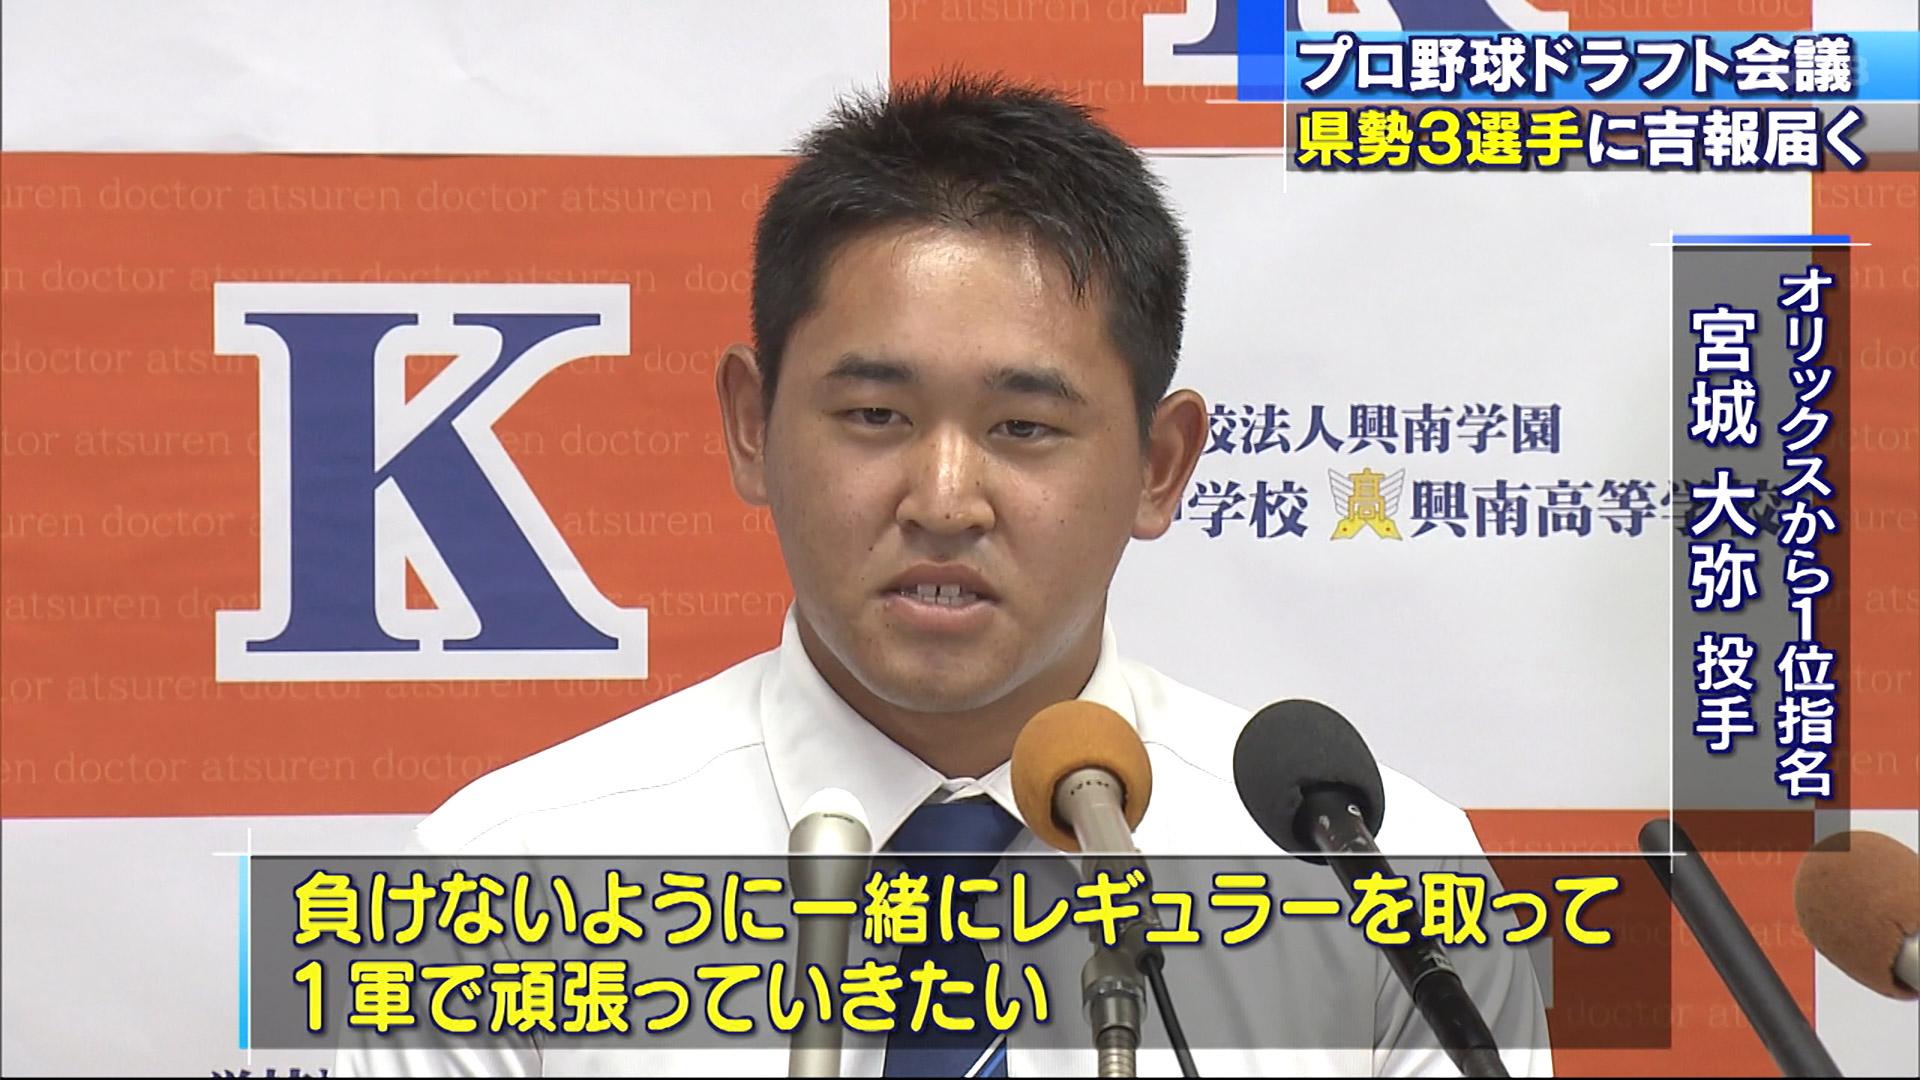 プロ野球ドラフト会議 県勢3人に吉報